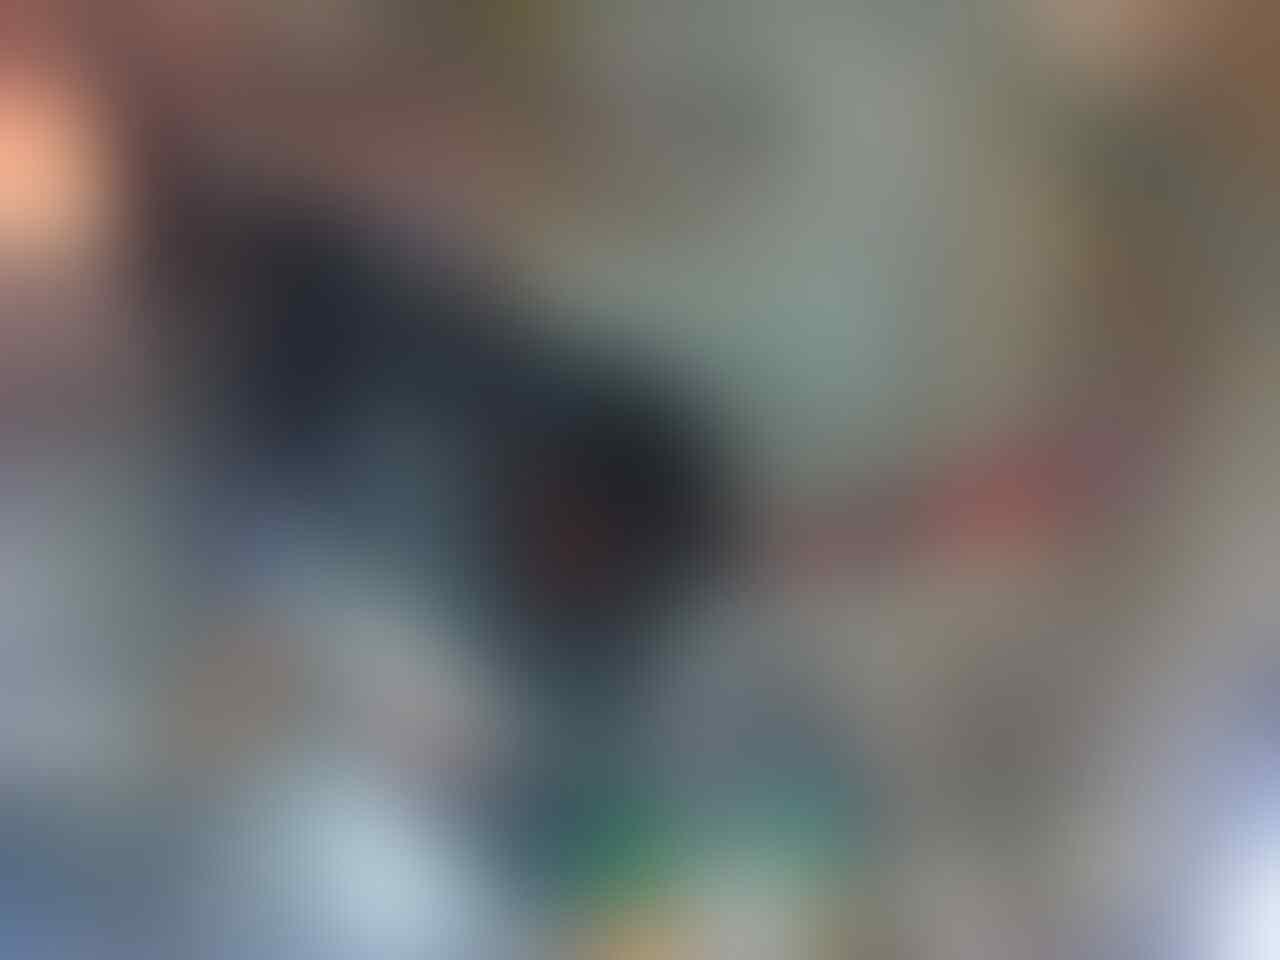 KACAMATA SUNGLASESS / FRAME OAKLEY HOLBROOK GARAGE ROCK DEVIATION MURAH